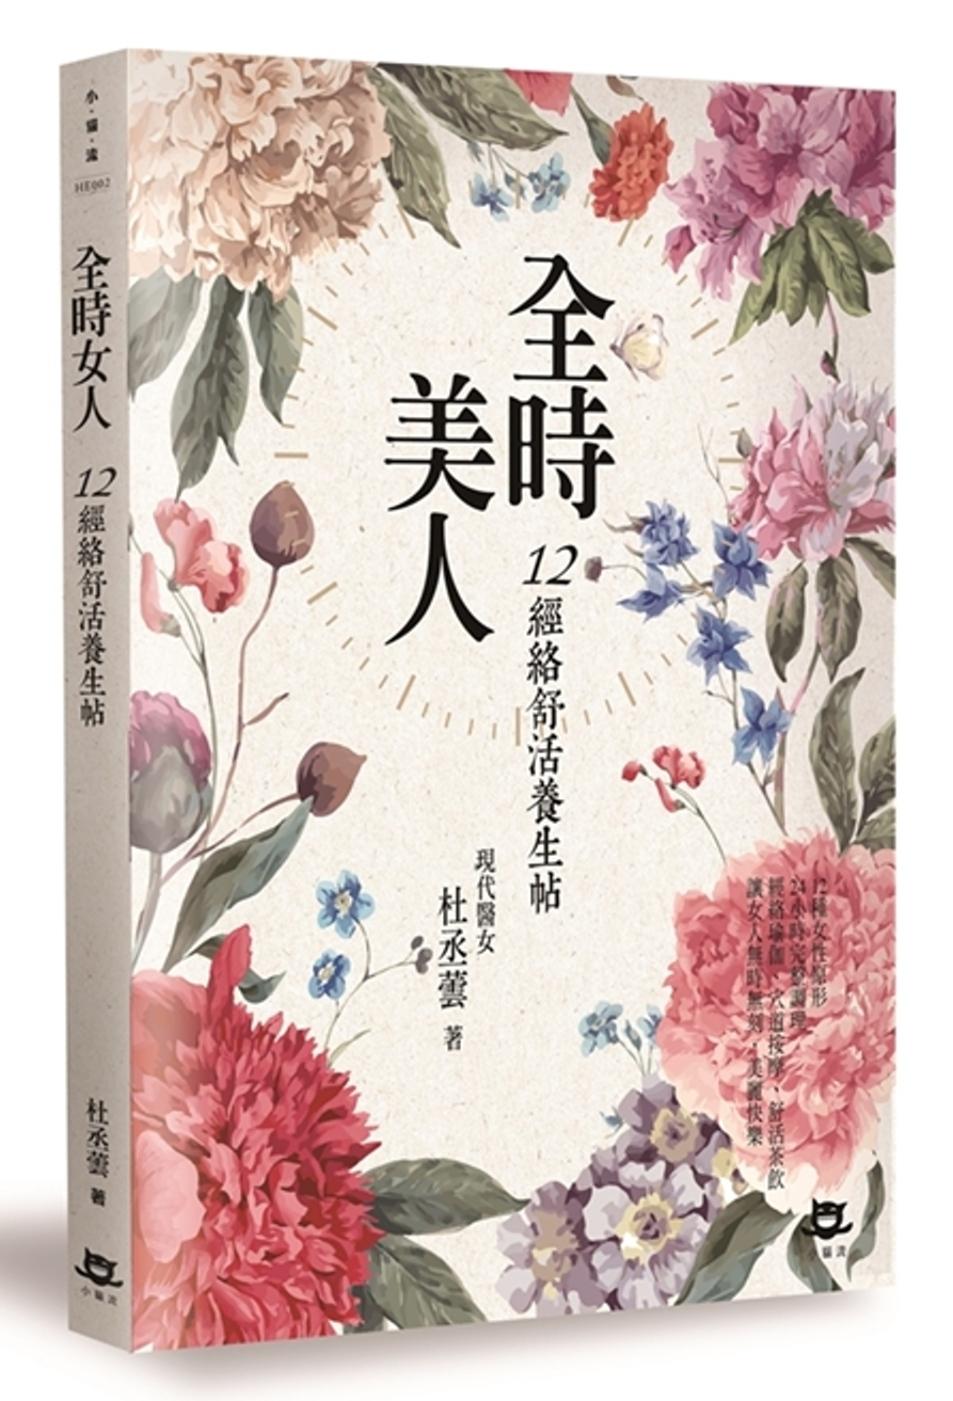 《全時美人:12經絡舒活養生帖》 商品條碼,ISBN:9789869333672